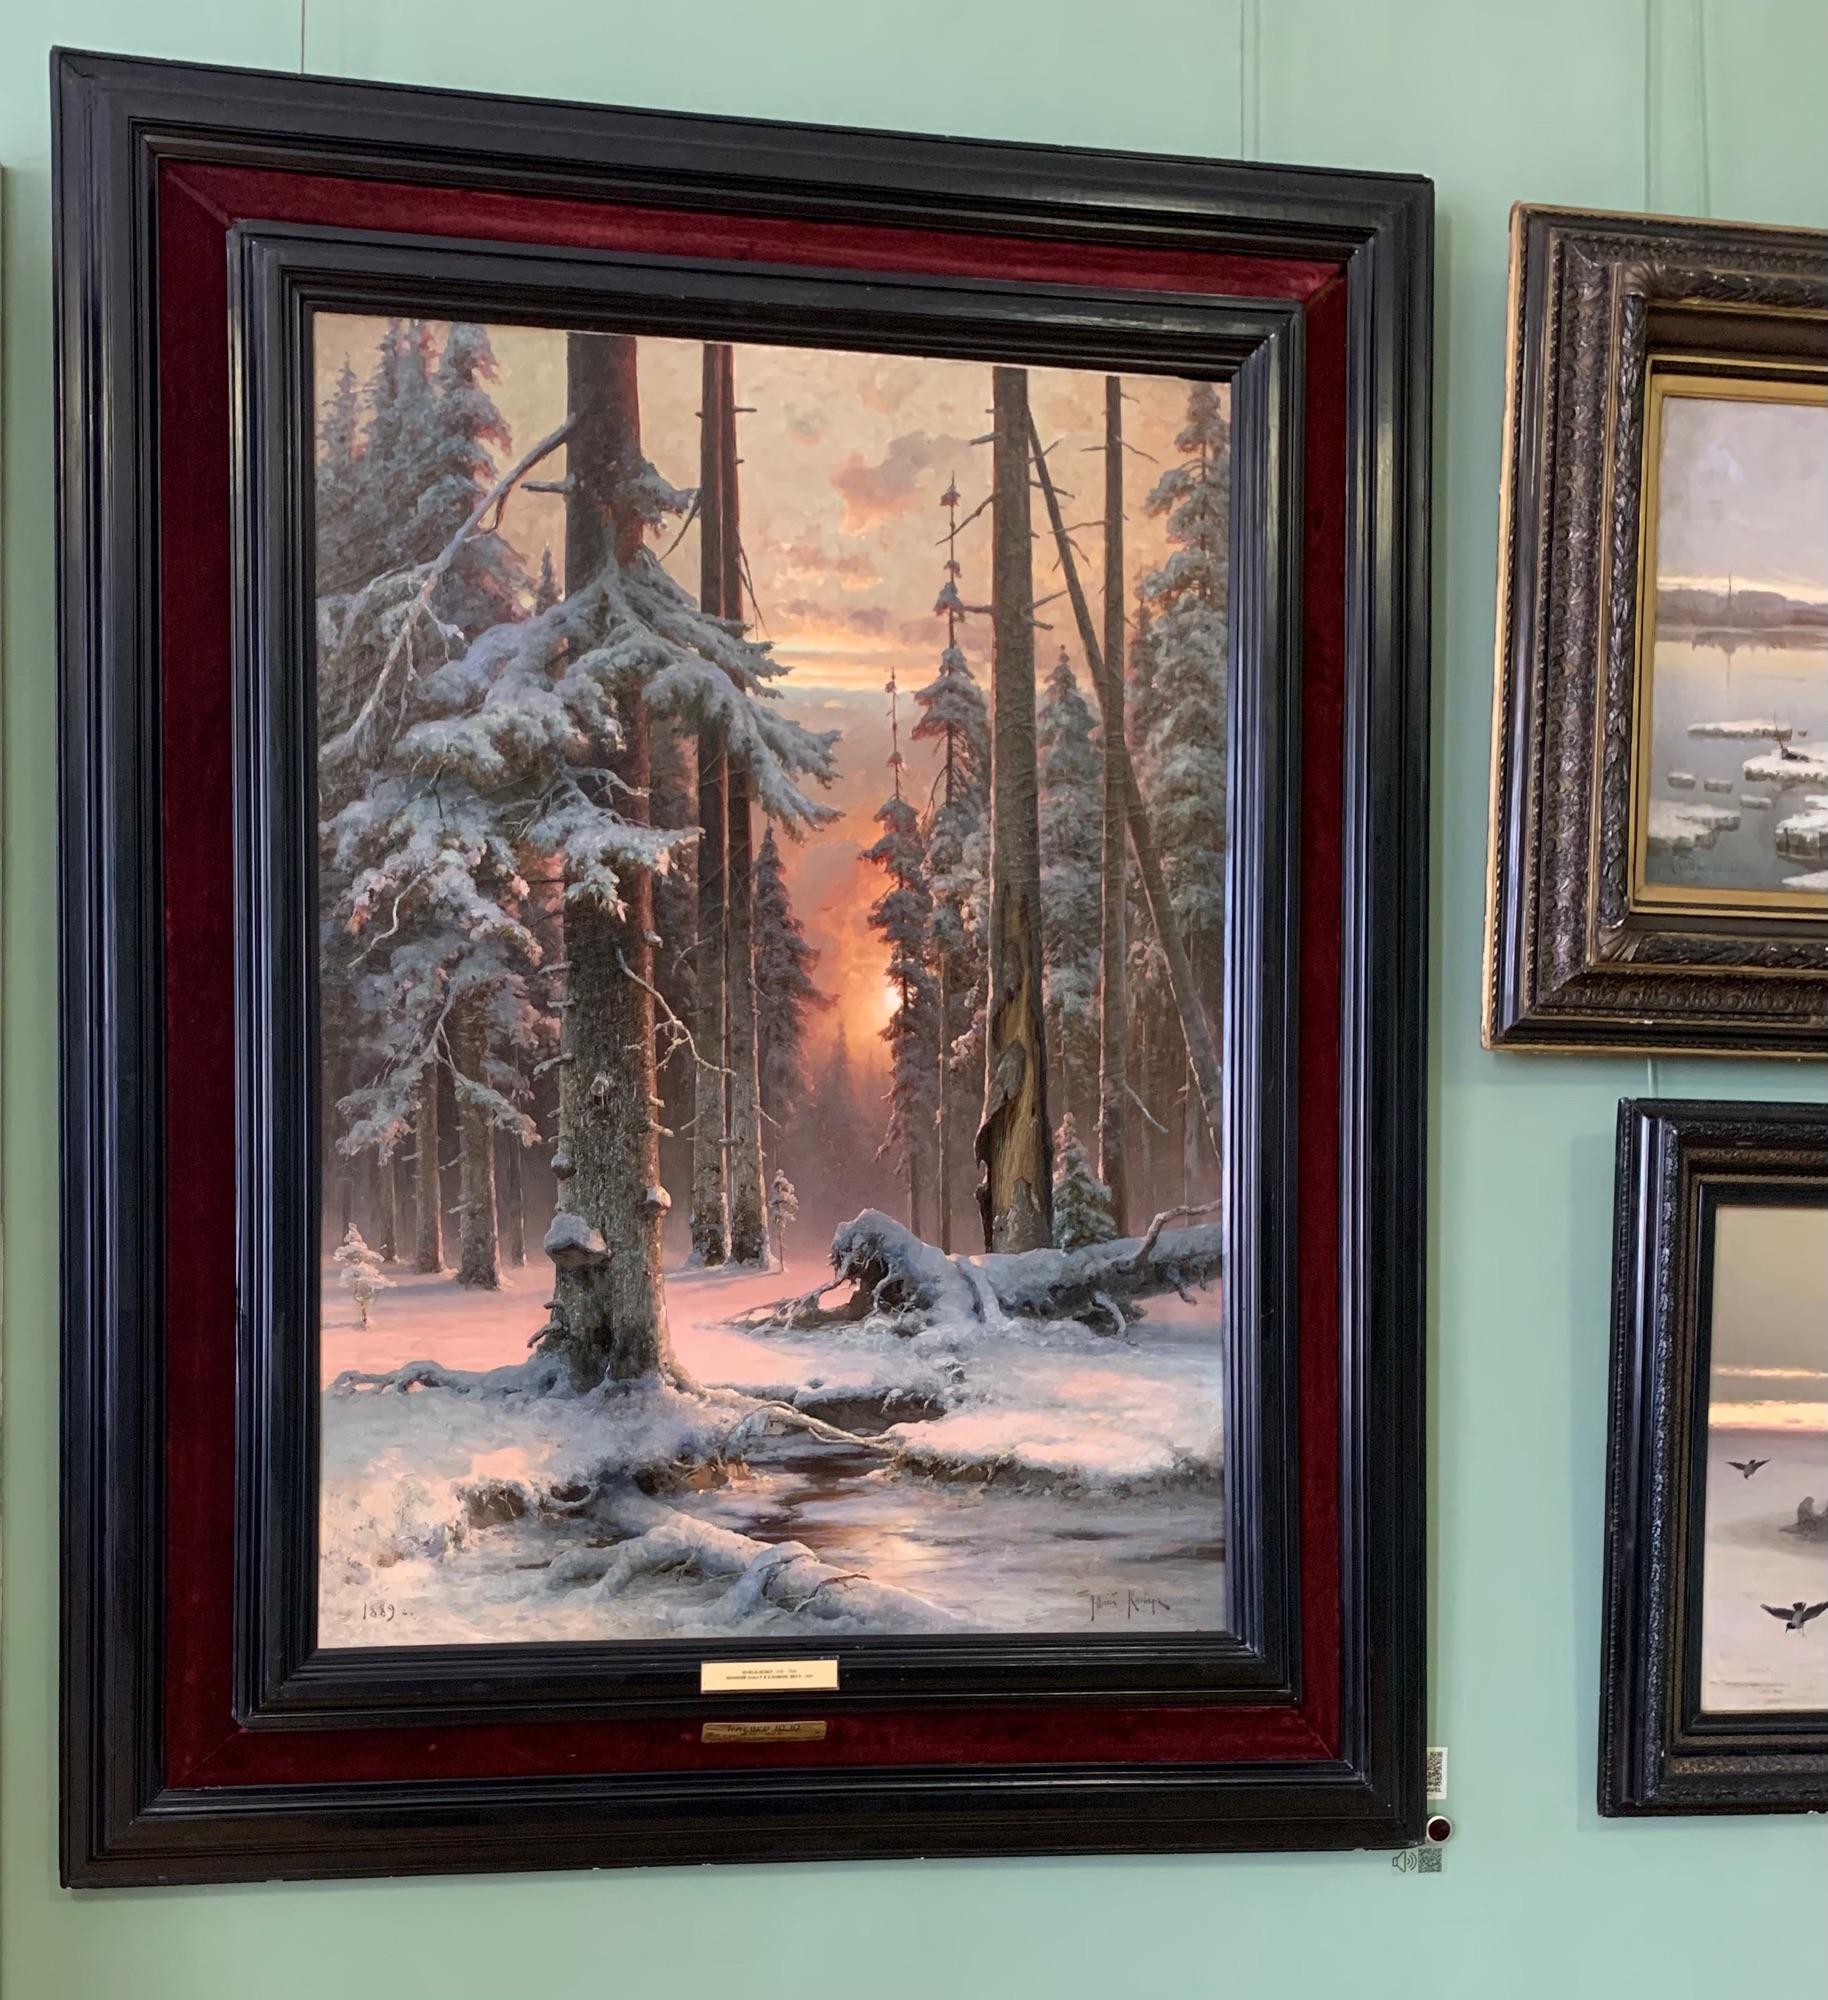 Ю. Клевер. Зимний закат в еловом лесу. 1889 г.